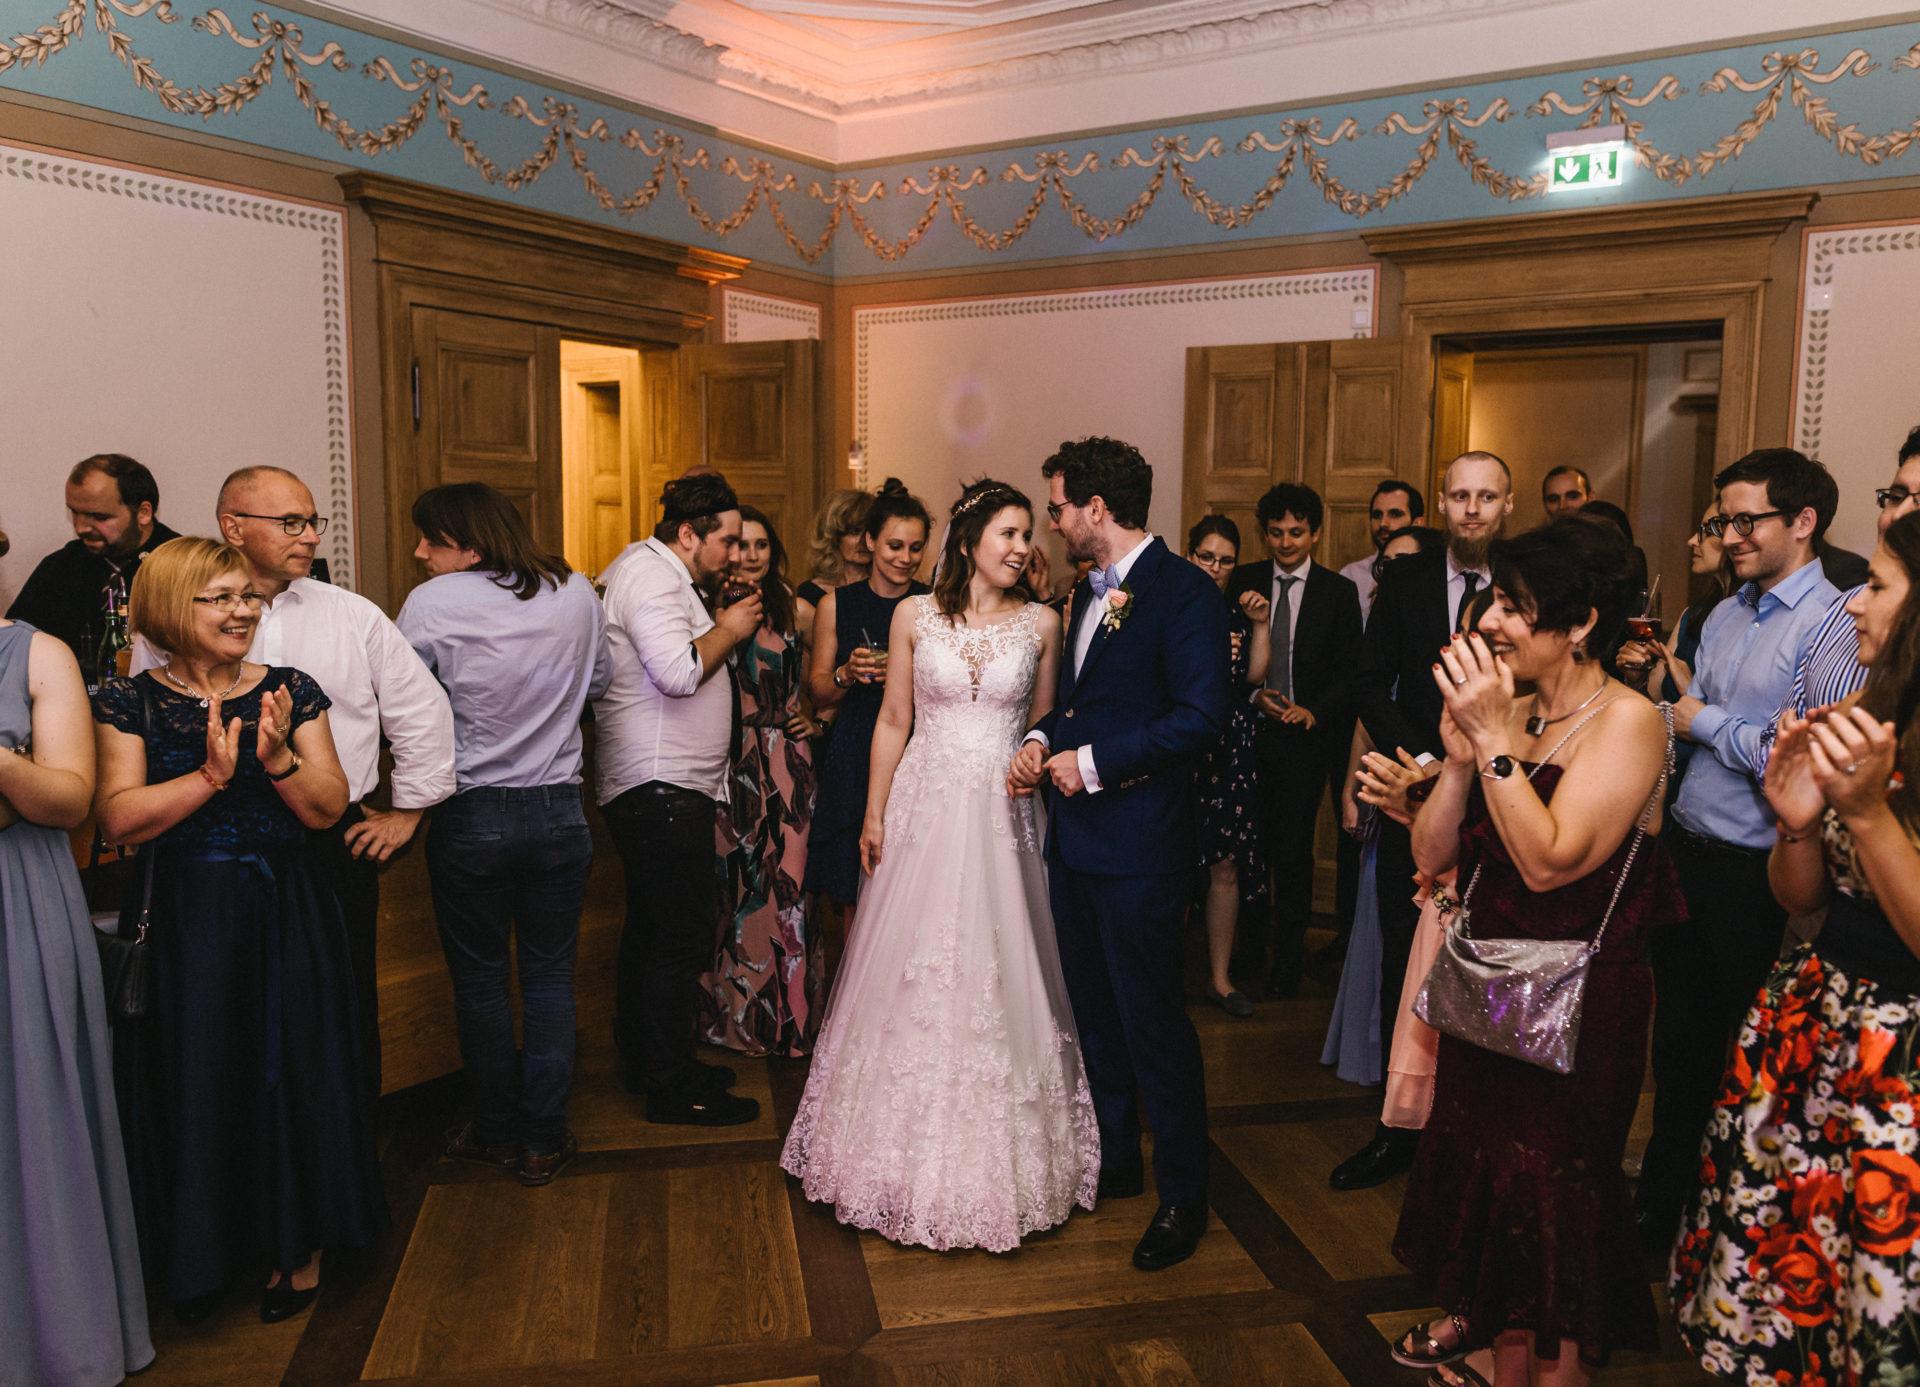 Hochzeitsreportage, Portfolio | Freie Trauung im Herrenhaus Möckern in Leipzig | 51